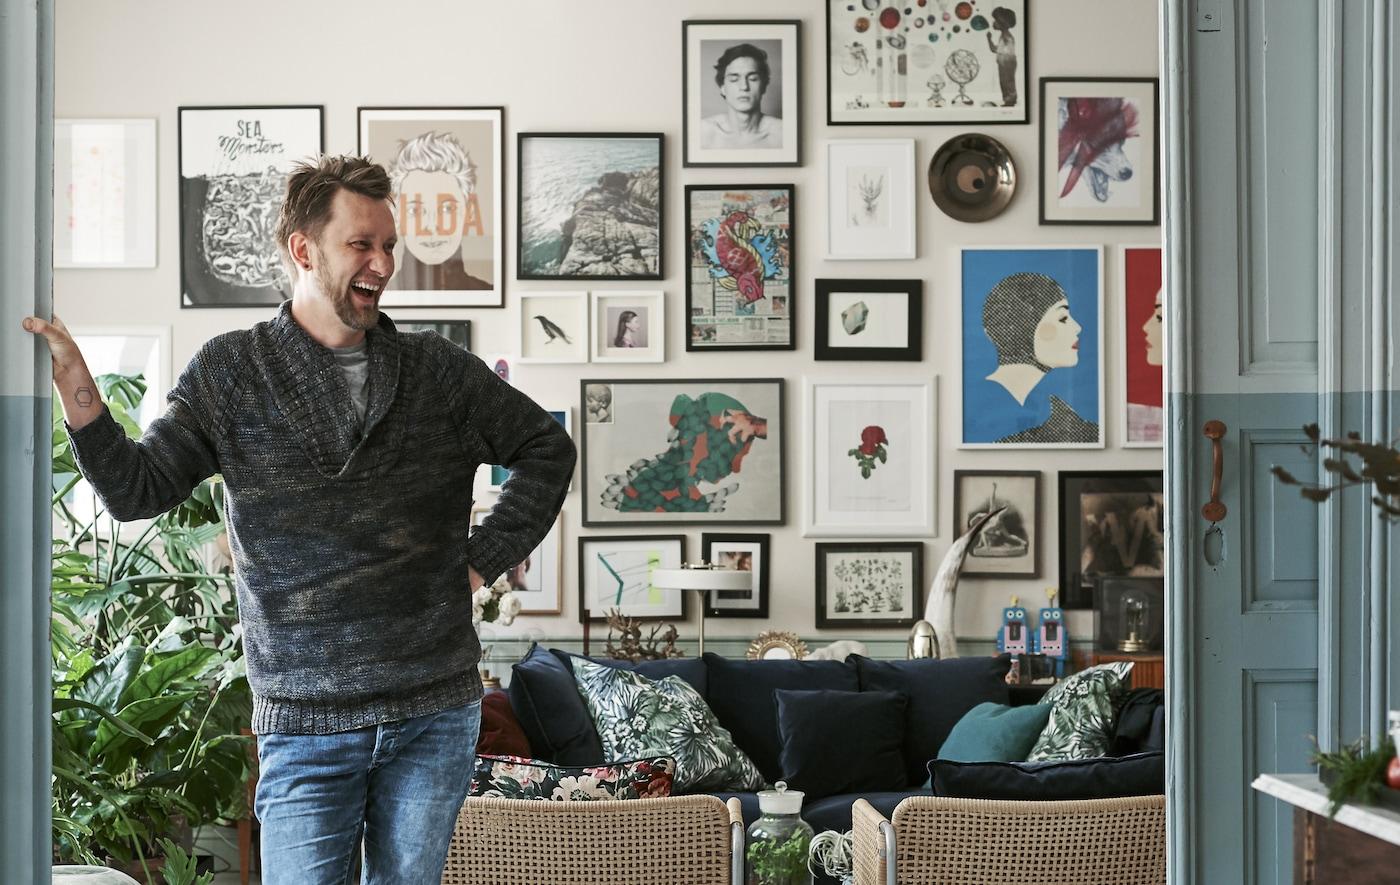 صورة Radek يقف في صالة شقته أمام حائط من الصور.